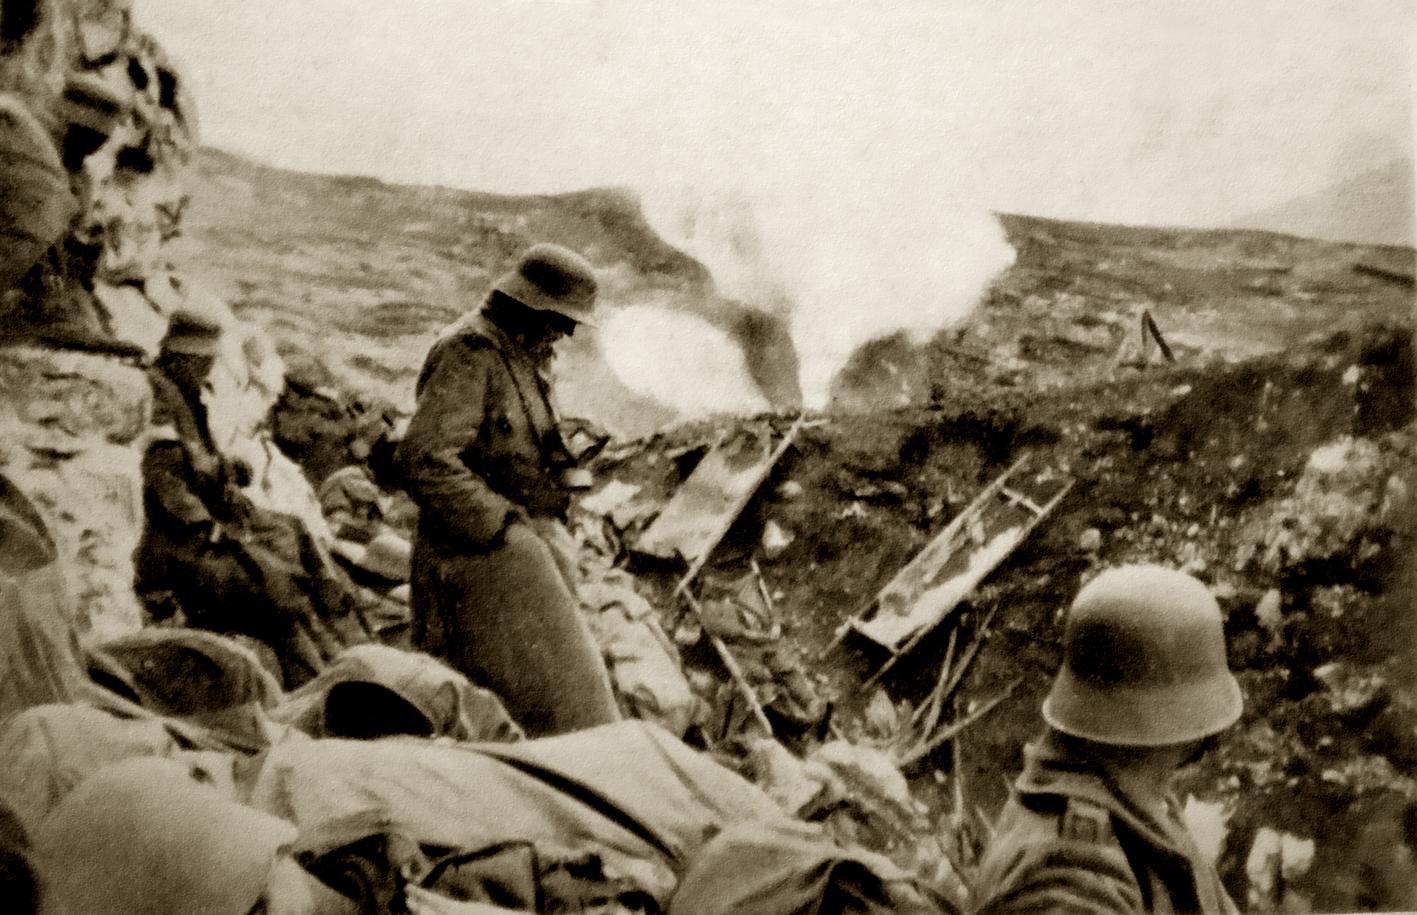 08 - scoppio di granata a gas nella Grande Dolina nei pressi dell'Hilfsplatz - ASDM.JPG